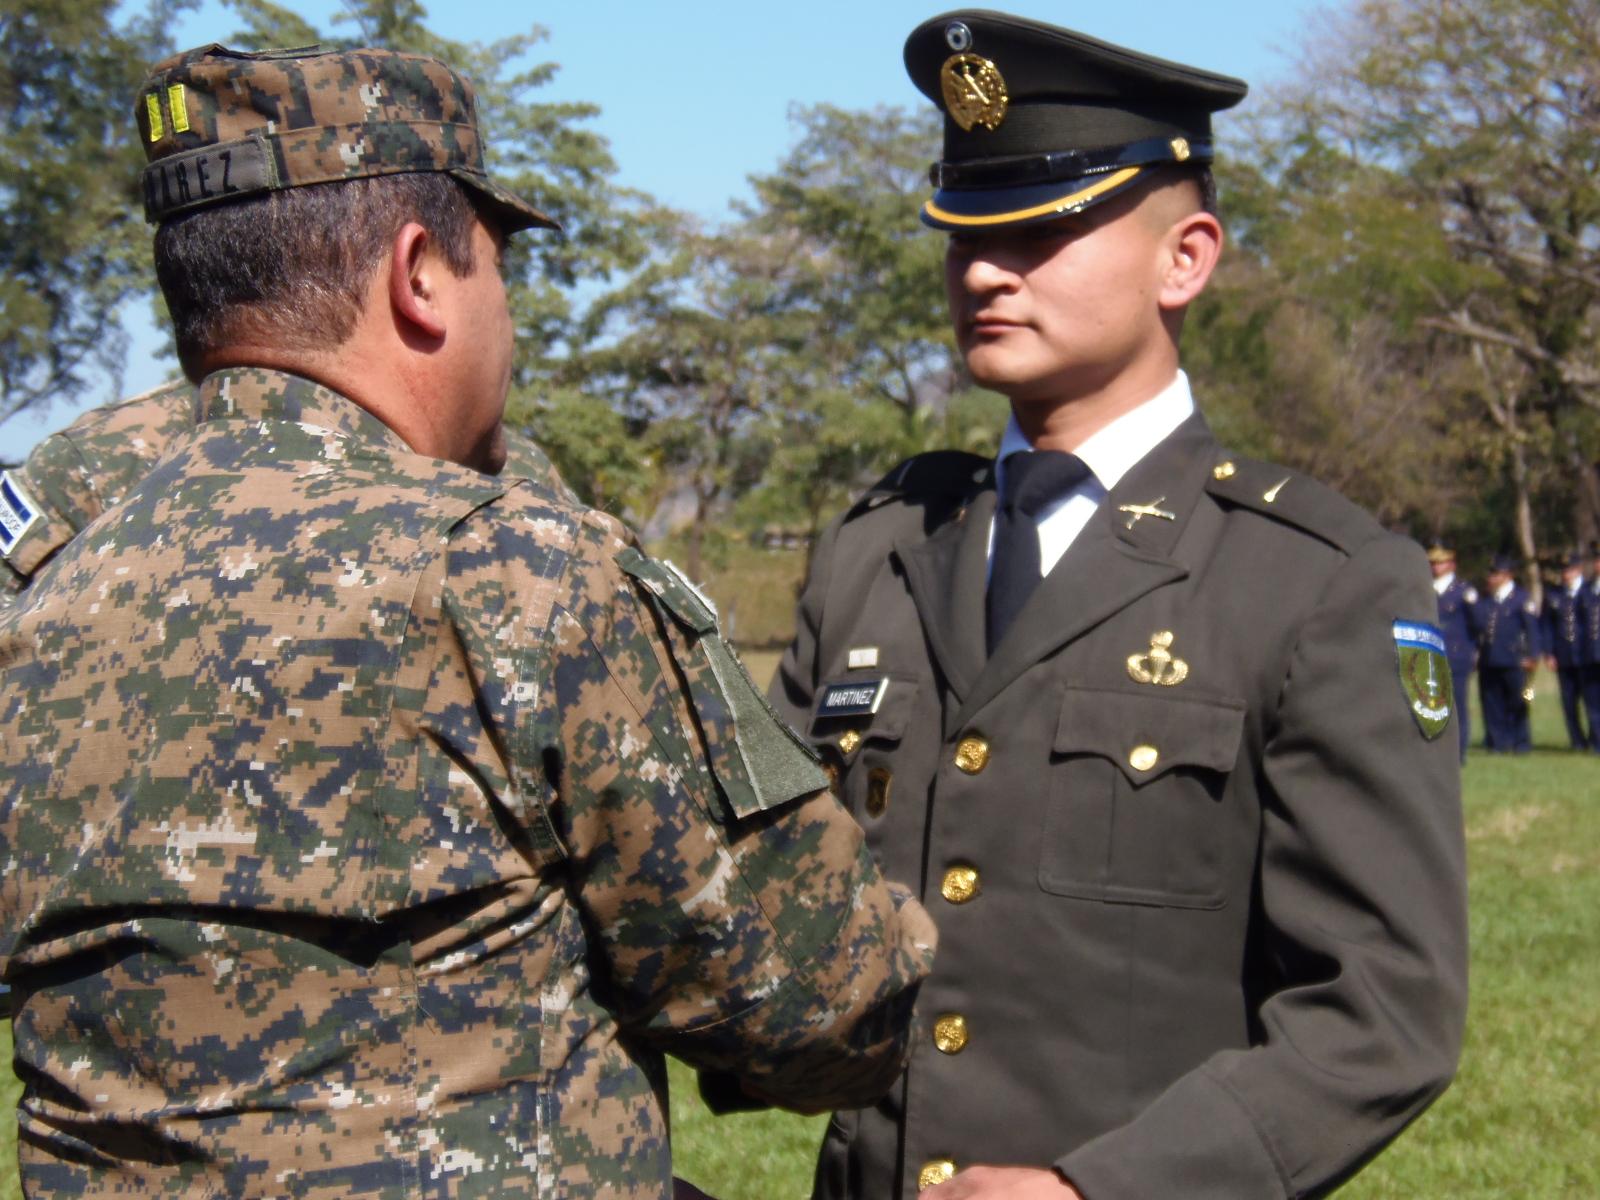 Realizan Posesión de Grado y Toma de Protesta Constitucional en 2ª Brigada de Infantería